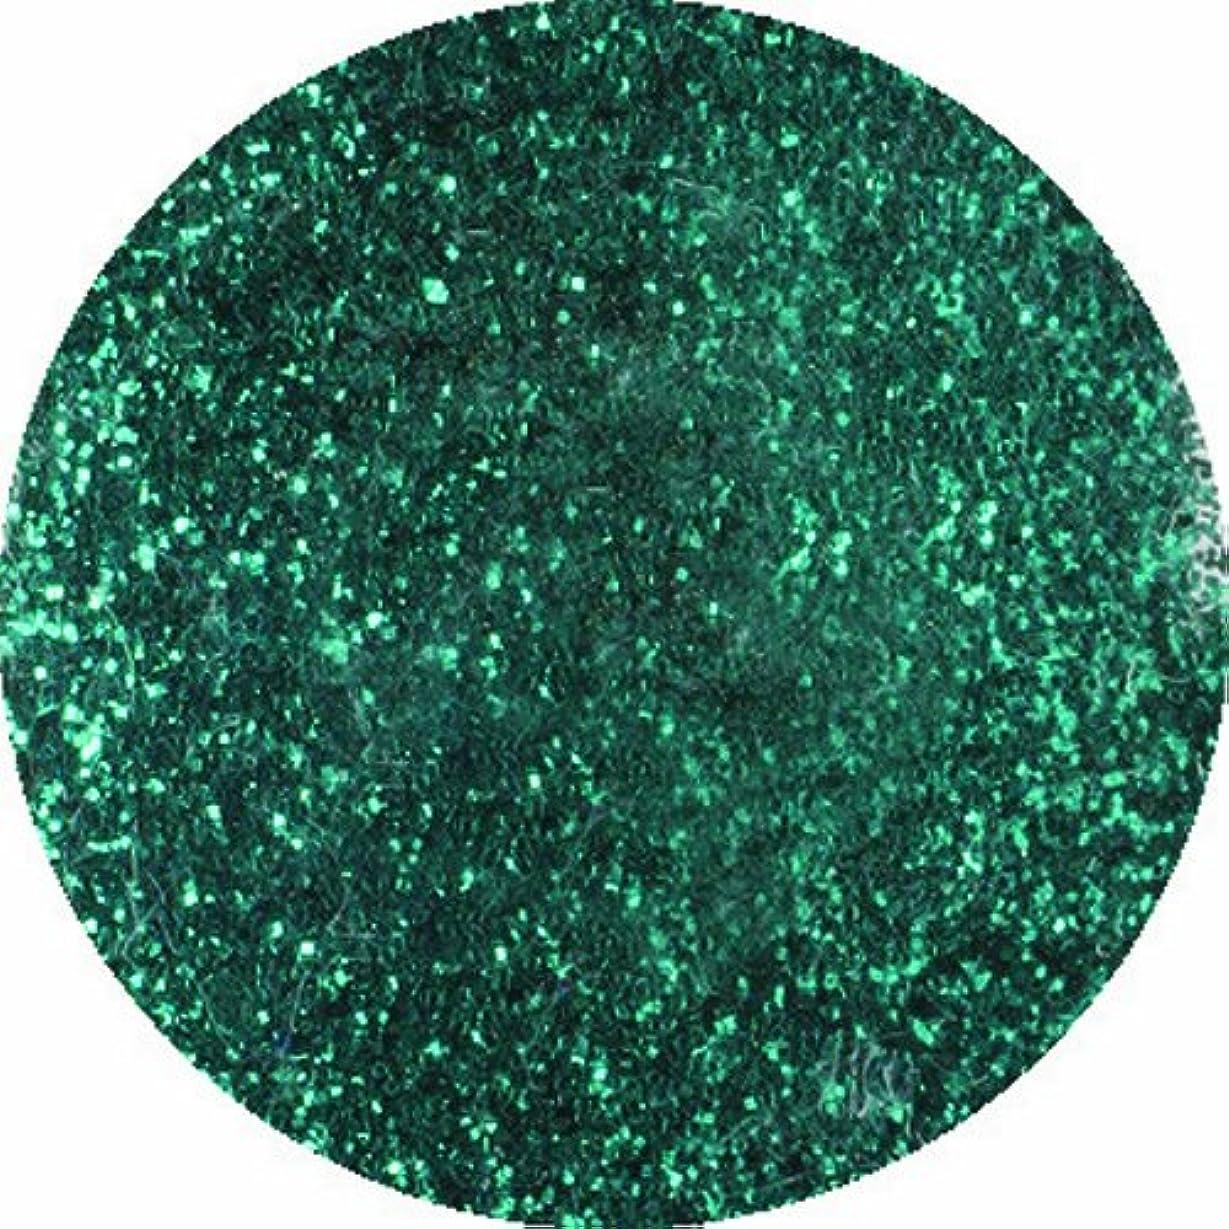 精神腹痛望むビューティーネイラー ネイル用パウダー 黒崎えり子 ジュエリーコレクション グリーン0.05mm